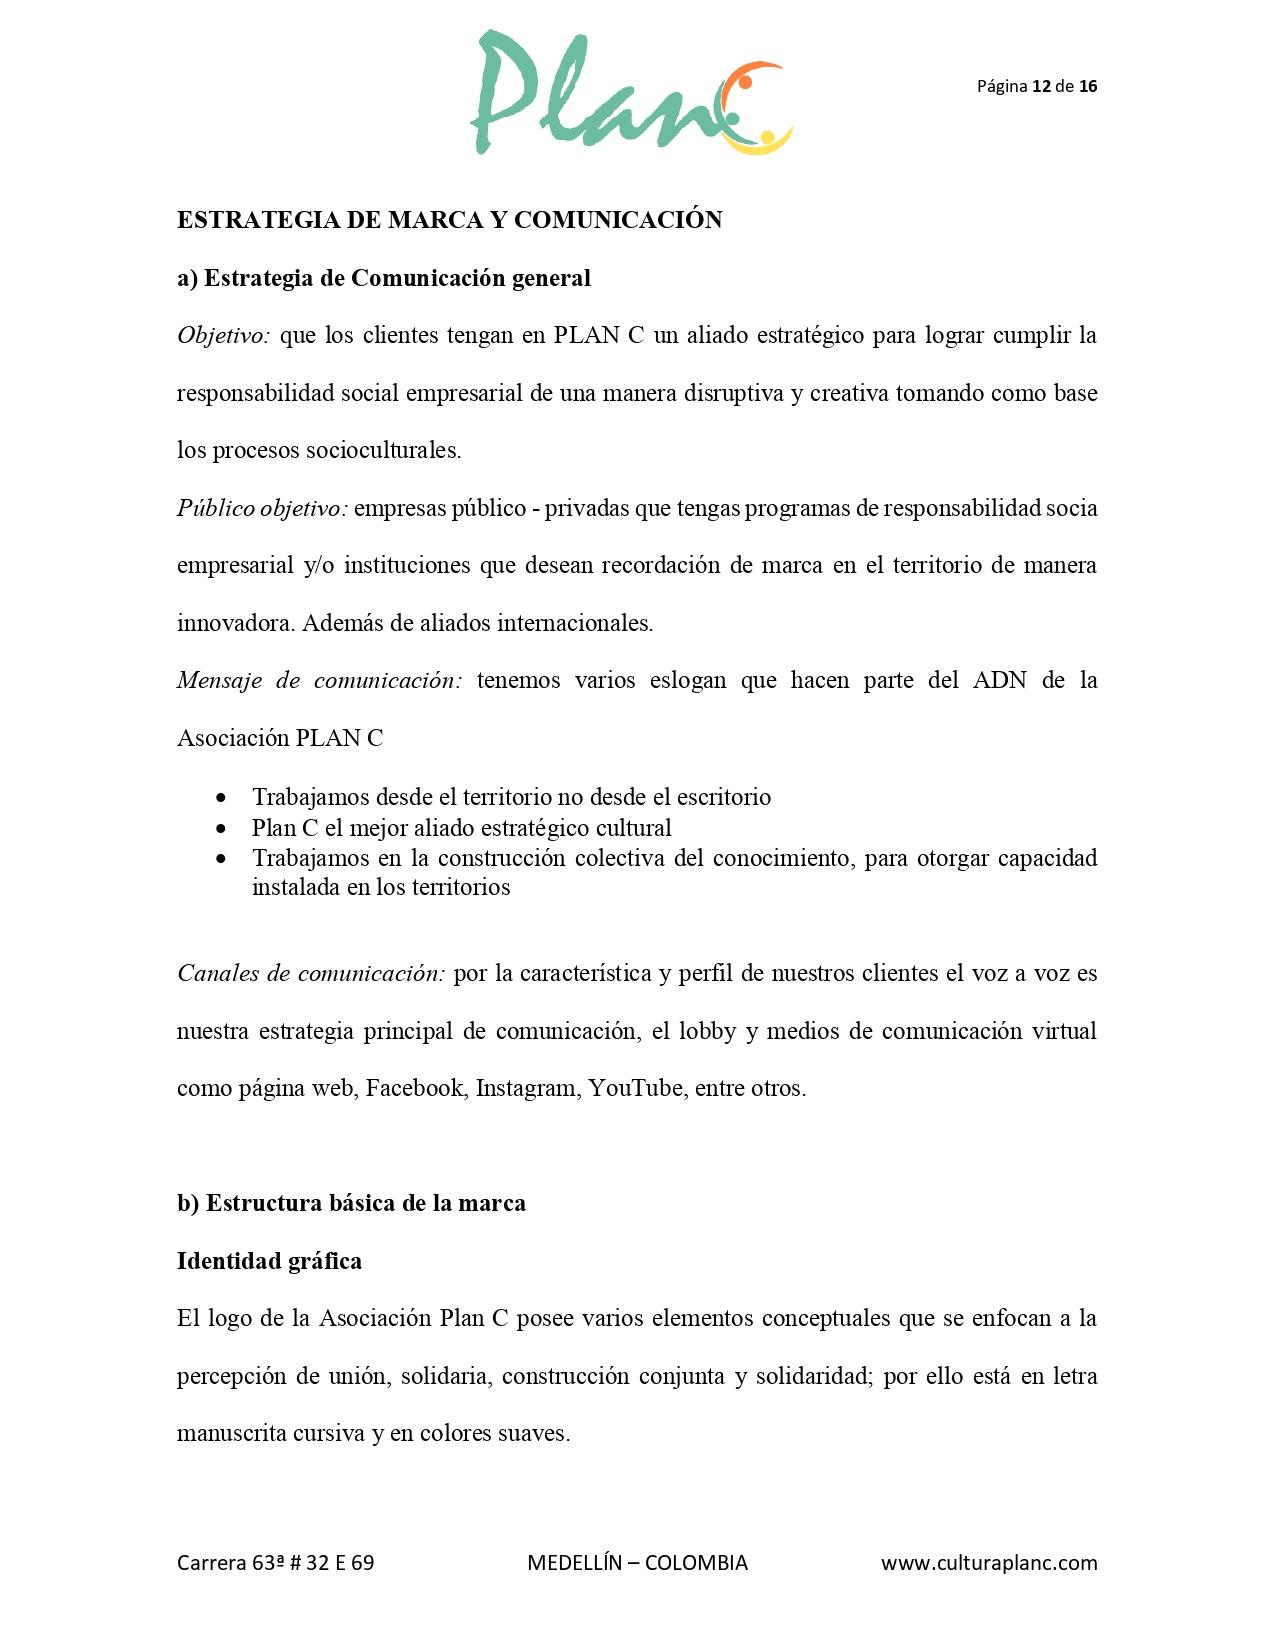 Informe de Gestión Global (1)-páginas-12